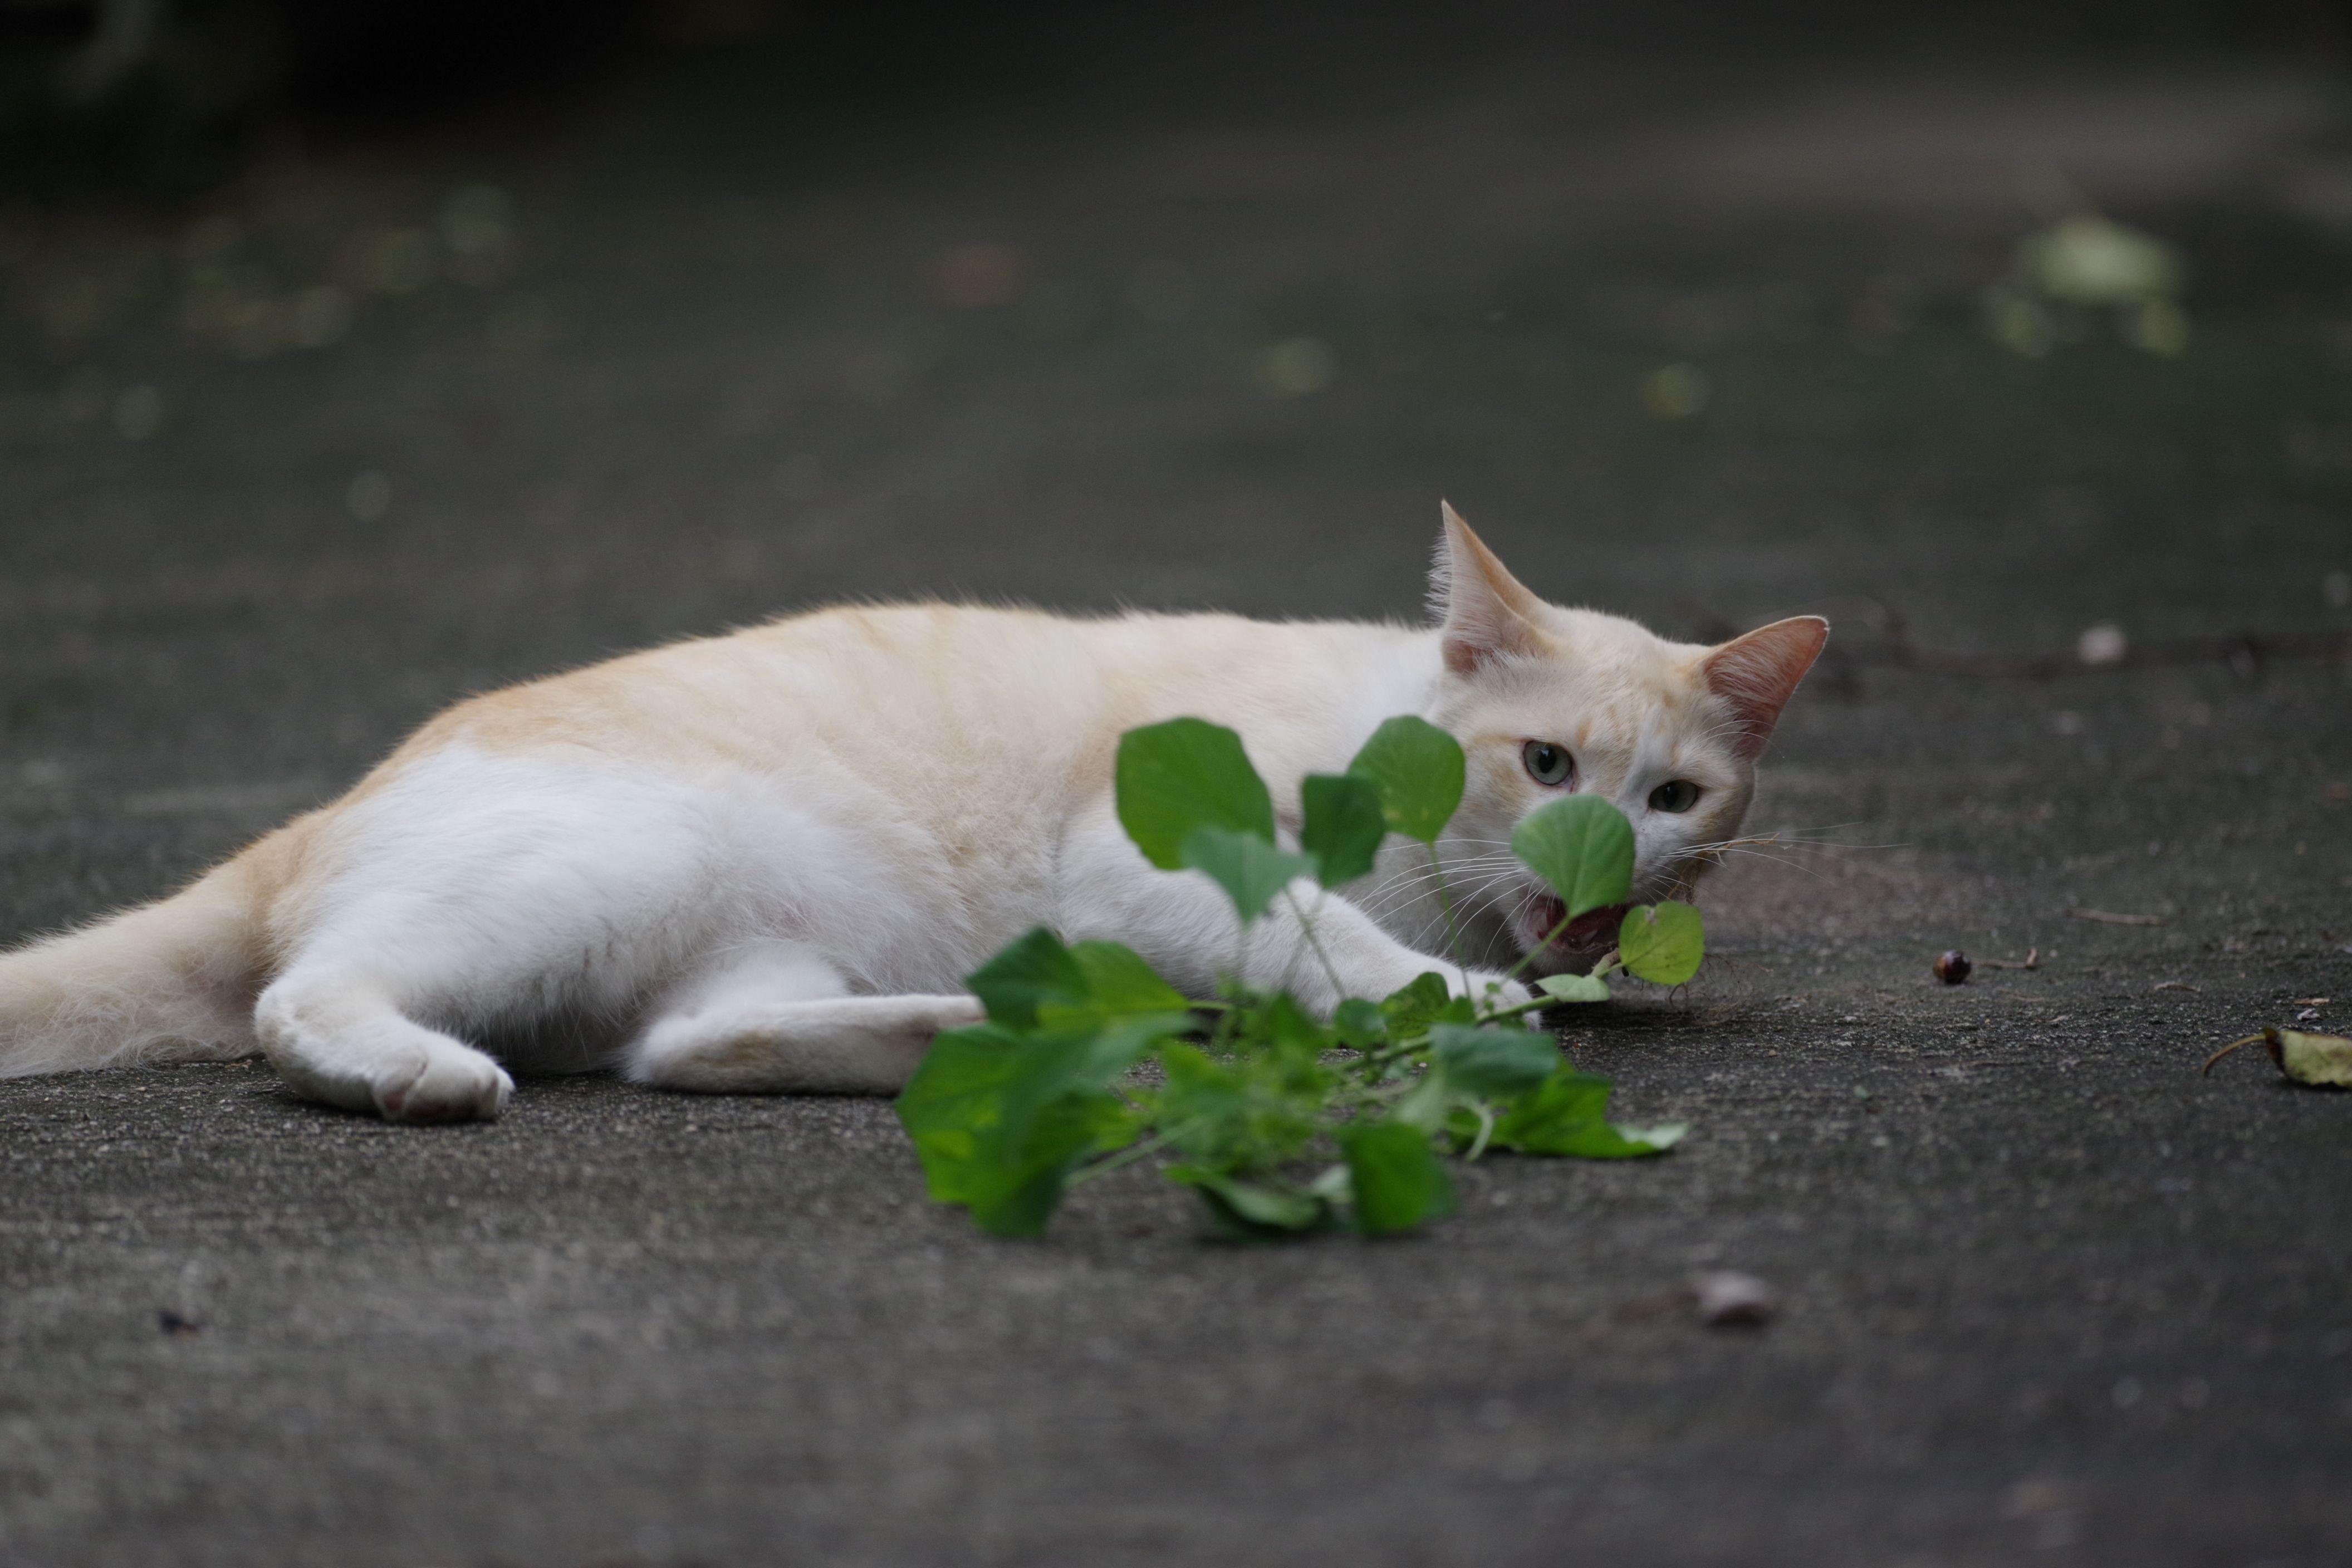 โดยเฉพาะหญ าแมวท เข าบอกว าก ญชาแมว ผมชอบมากๆเวลาเขาเร ยกผมข นบ านเข าก ใช อ นน แหละ ล อผมข นบ าน